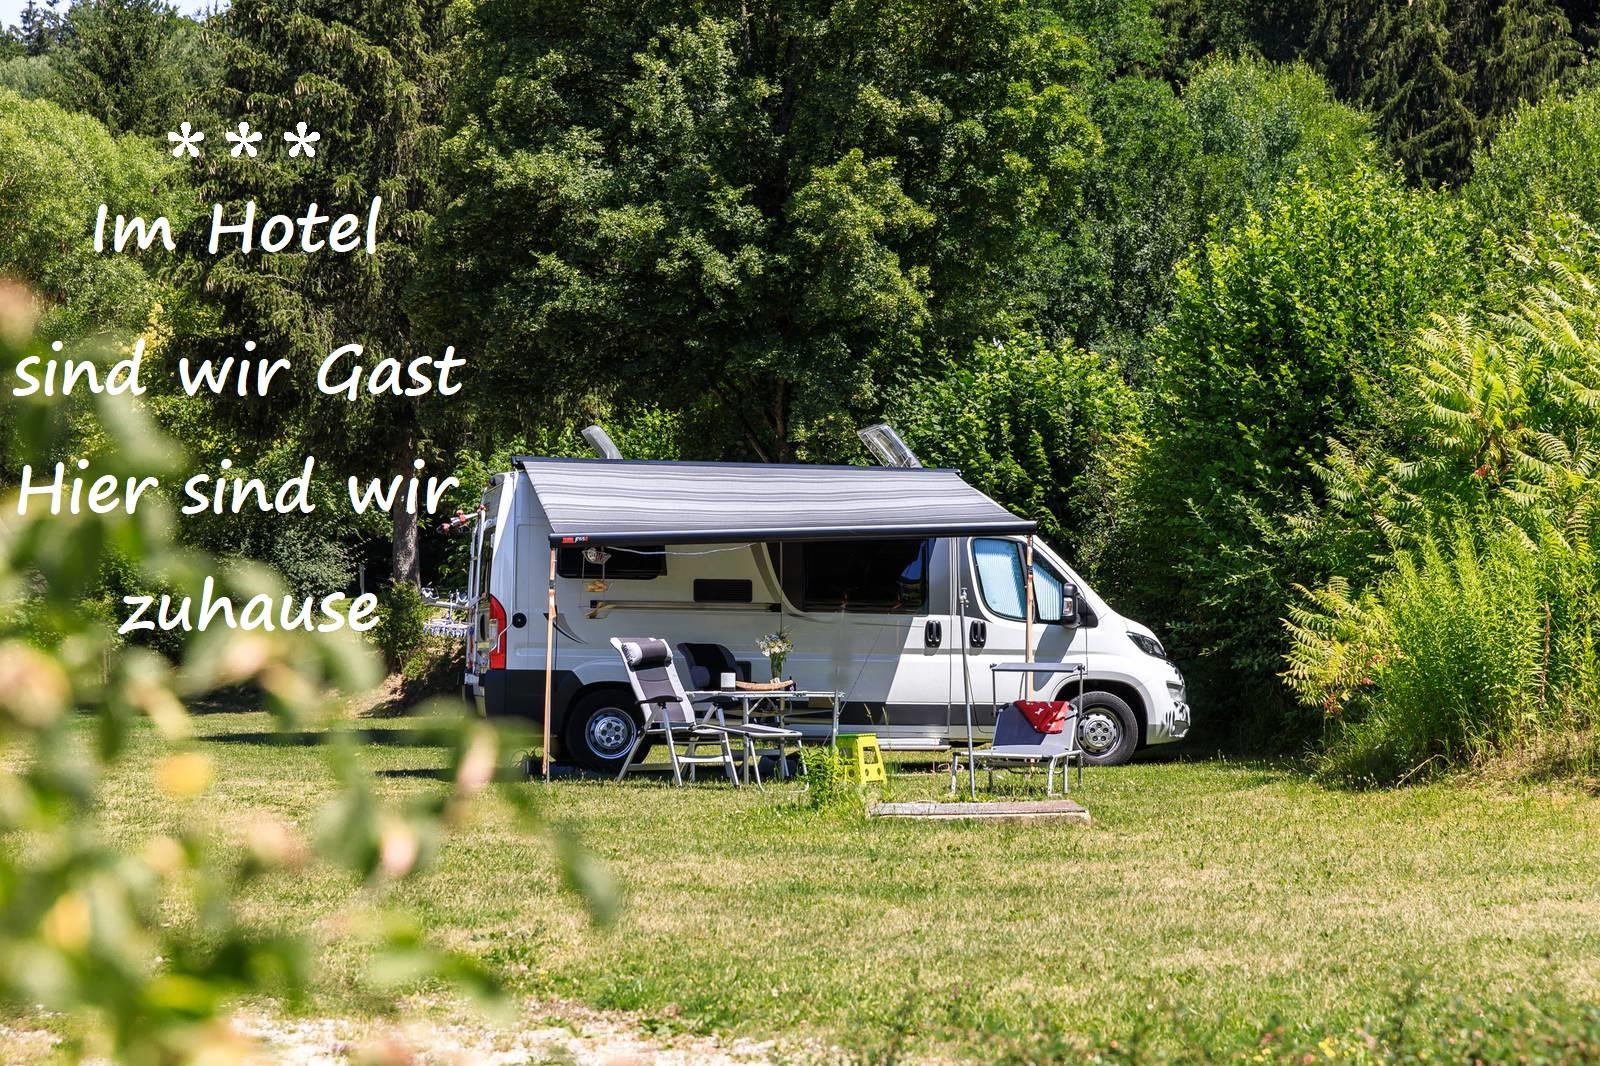 Bild Hotel Gast Spruch.jpg